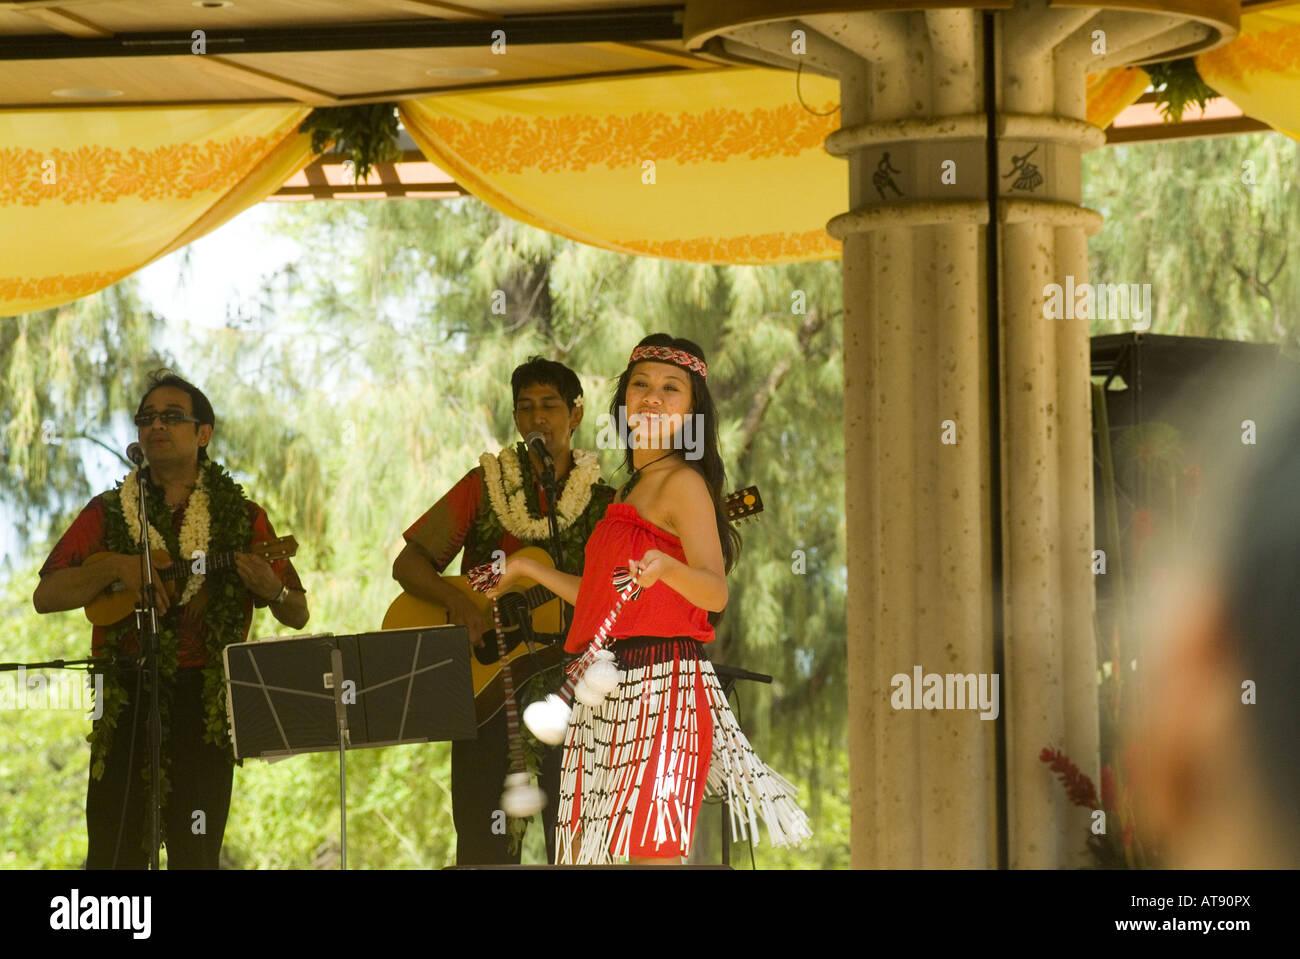 Les spectacles de danse hula à Kapiolani Park kiosque pour le premier mai, également connu comme à Hawaii lei day Banque D'Images